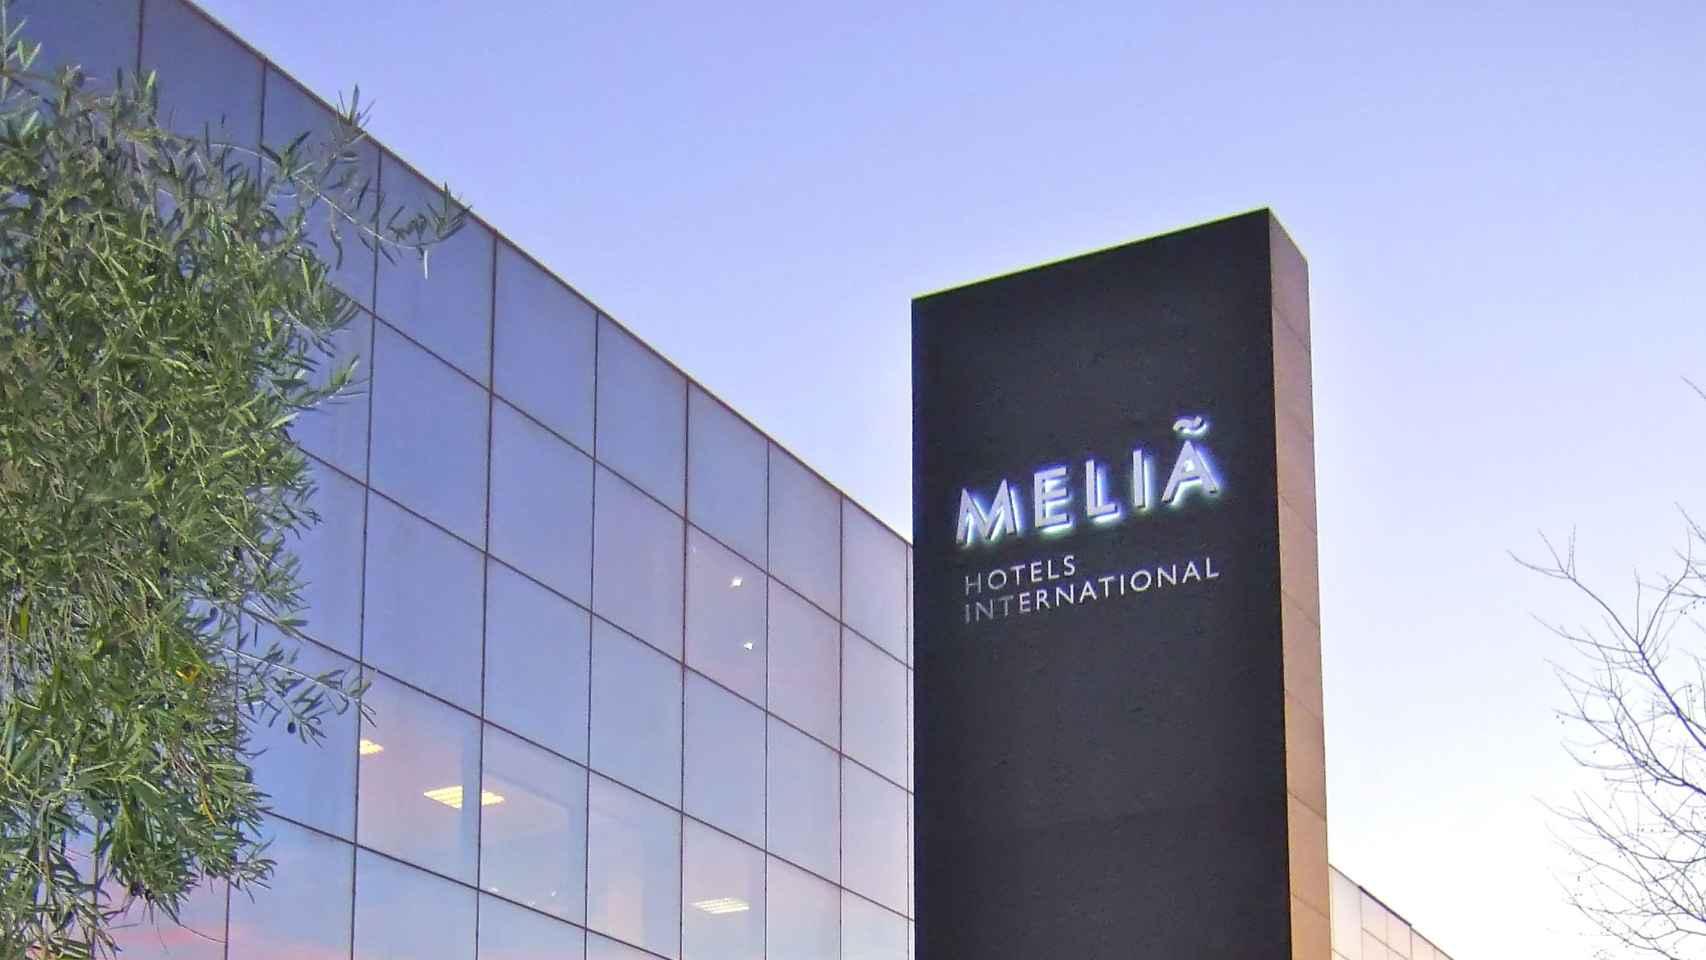 Un rótulo de Meliá Hotels a la entrada de uno de sus establecimientos.